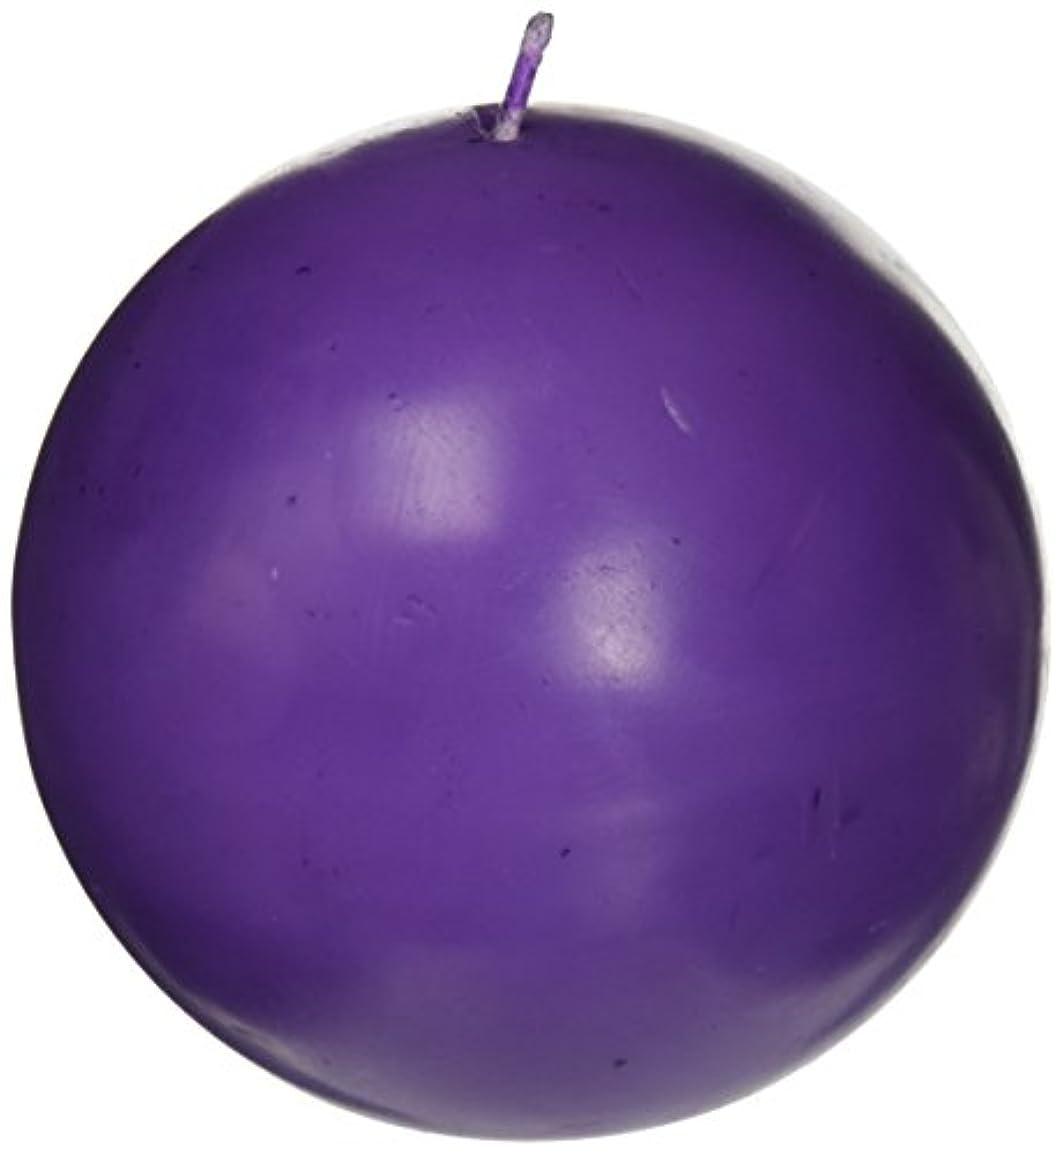 ジャニスセンター落ち着くZest Candle CBZ-034 4 in. Purple Ball Candles -2pc-Box